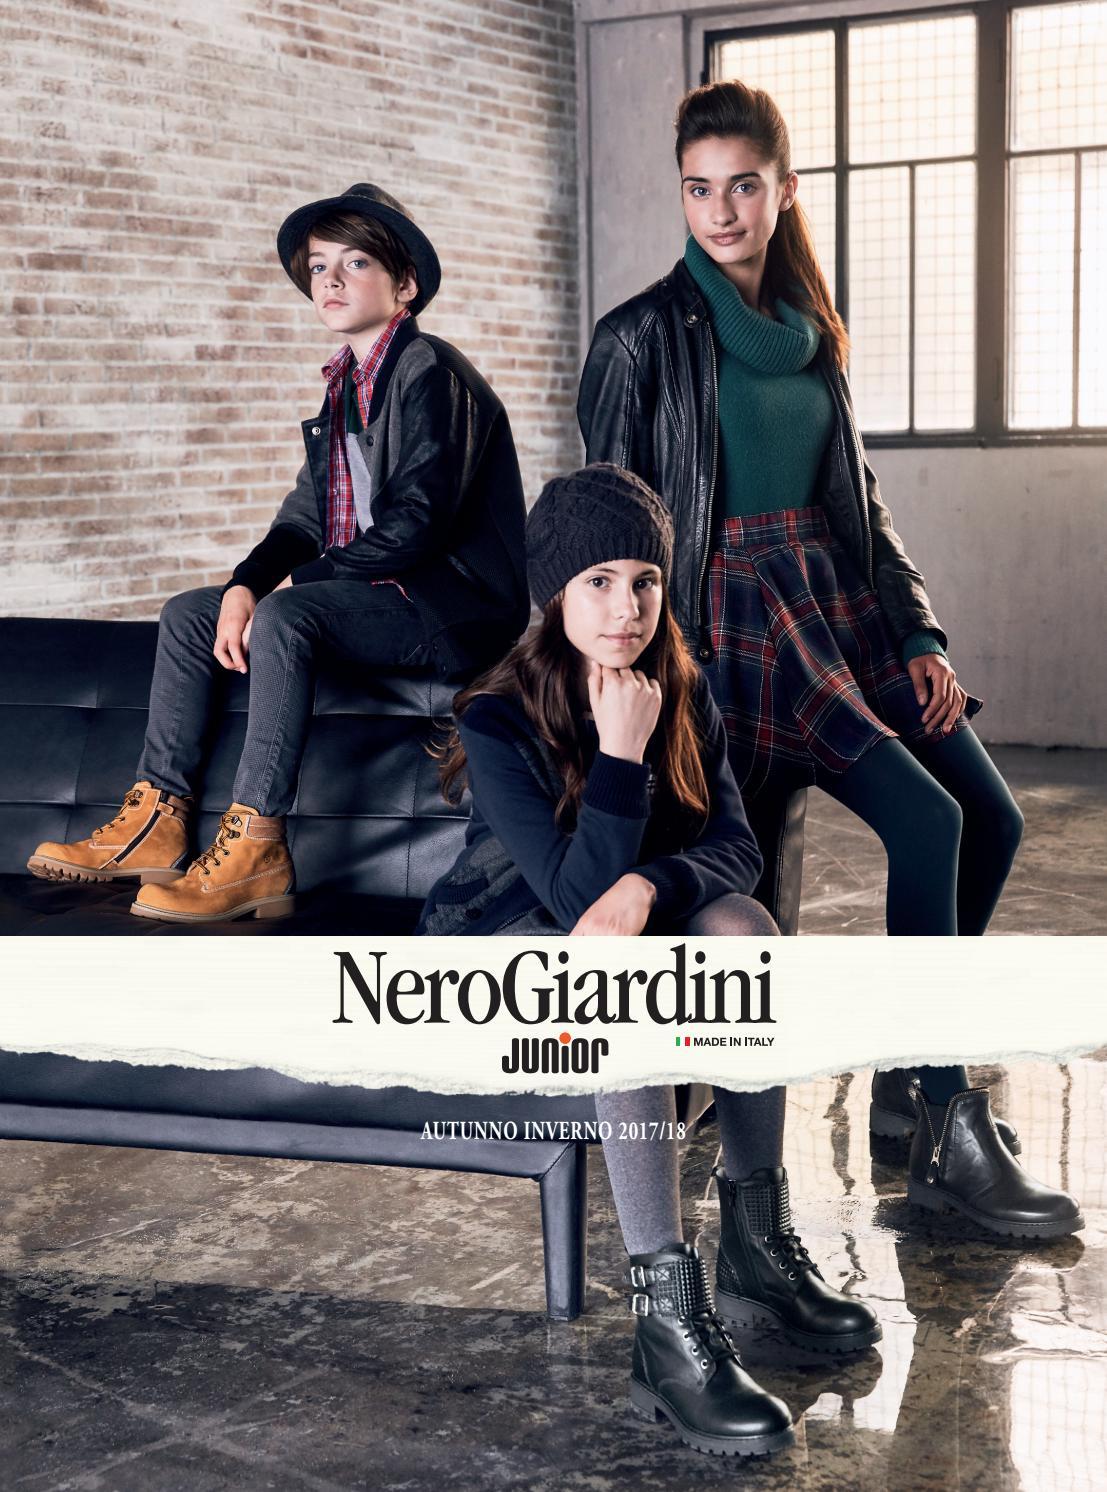 Catalogo Junior Autunno Inverno 2017 2018 by NeroGiardini